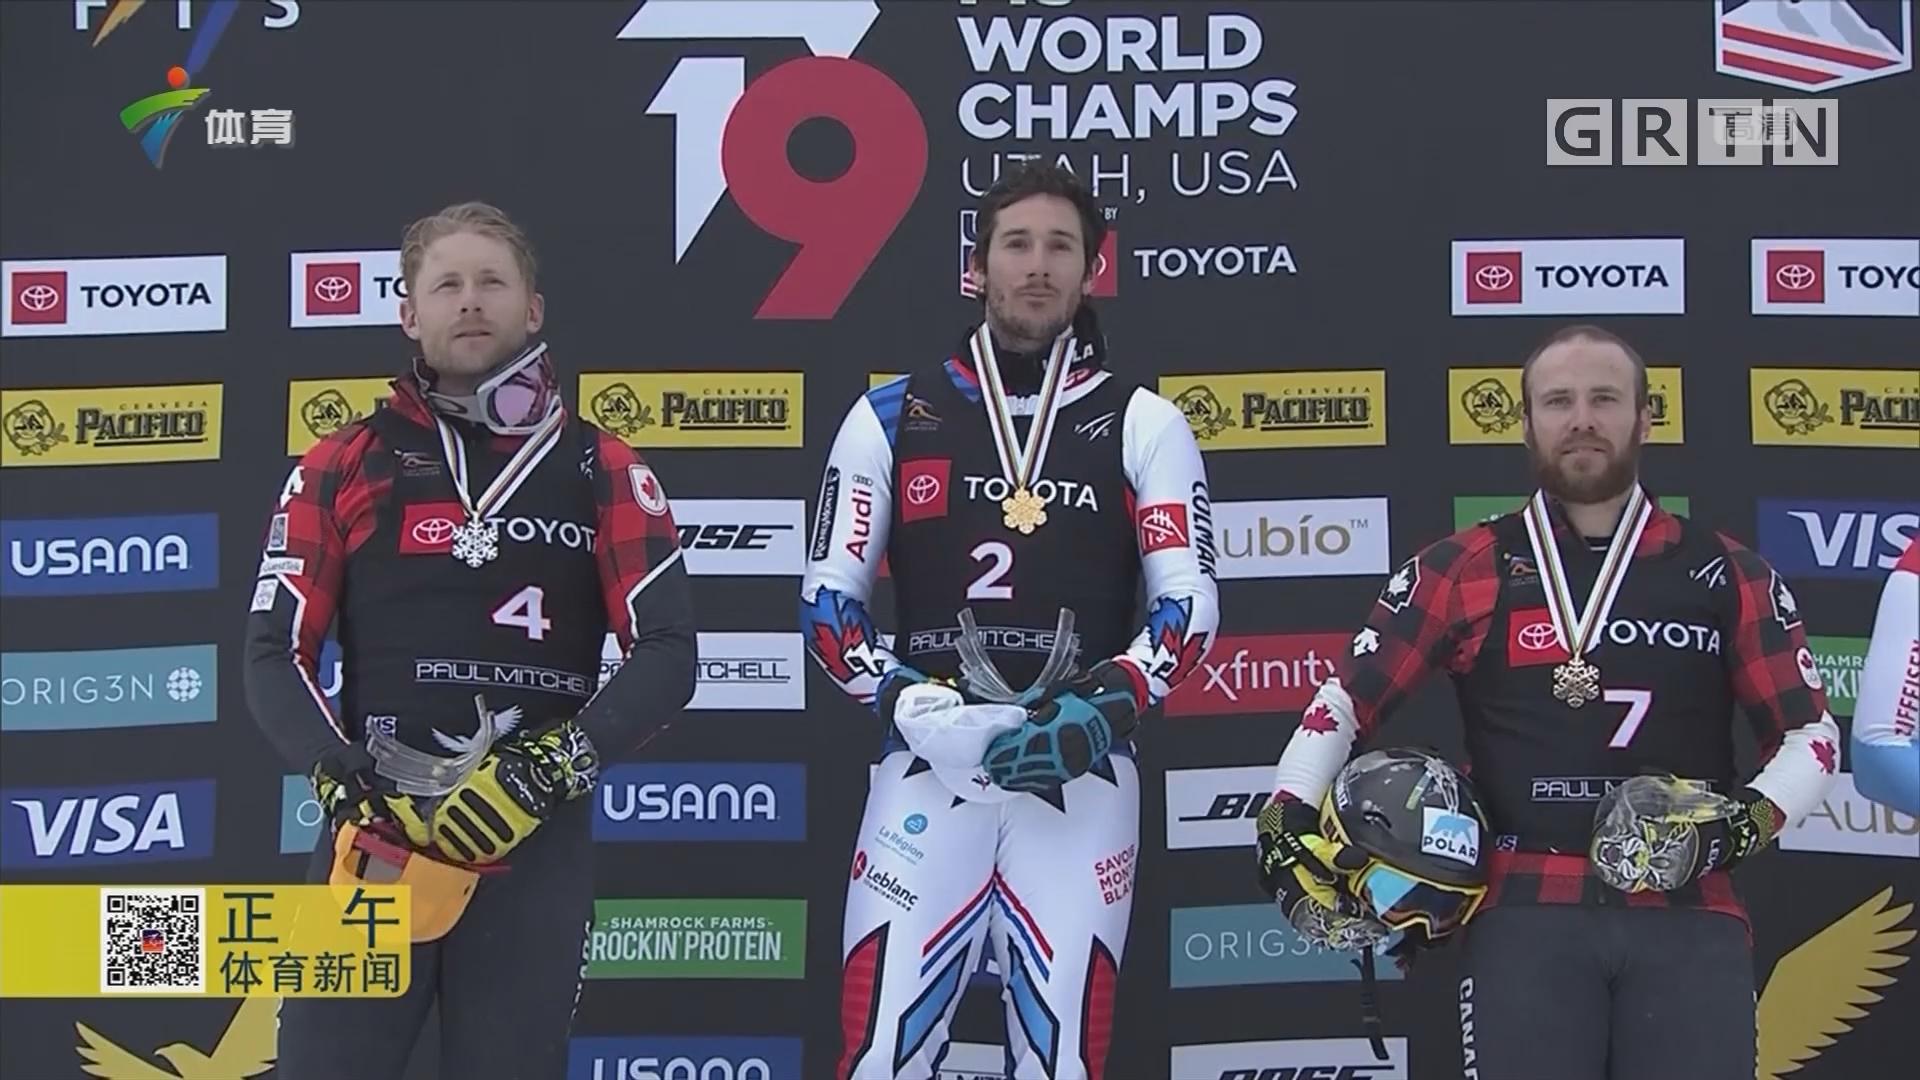 汤普森夺世界滑雪锦标赛女子滑雪追逐赛冠军